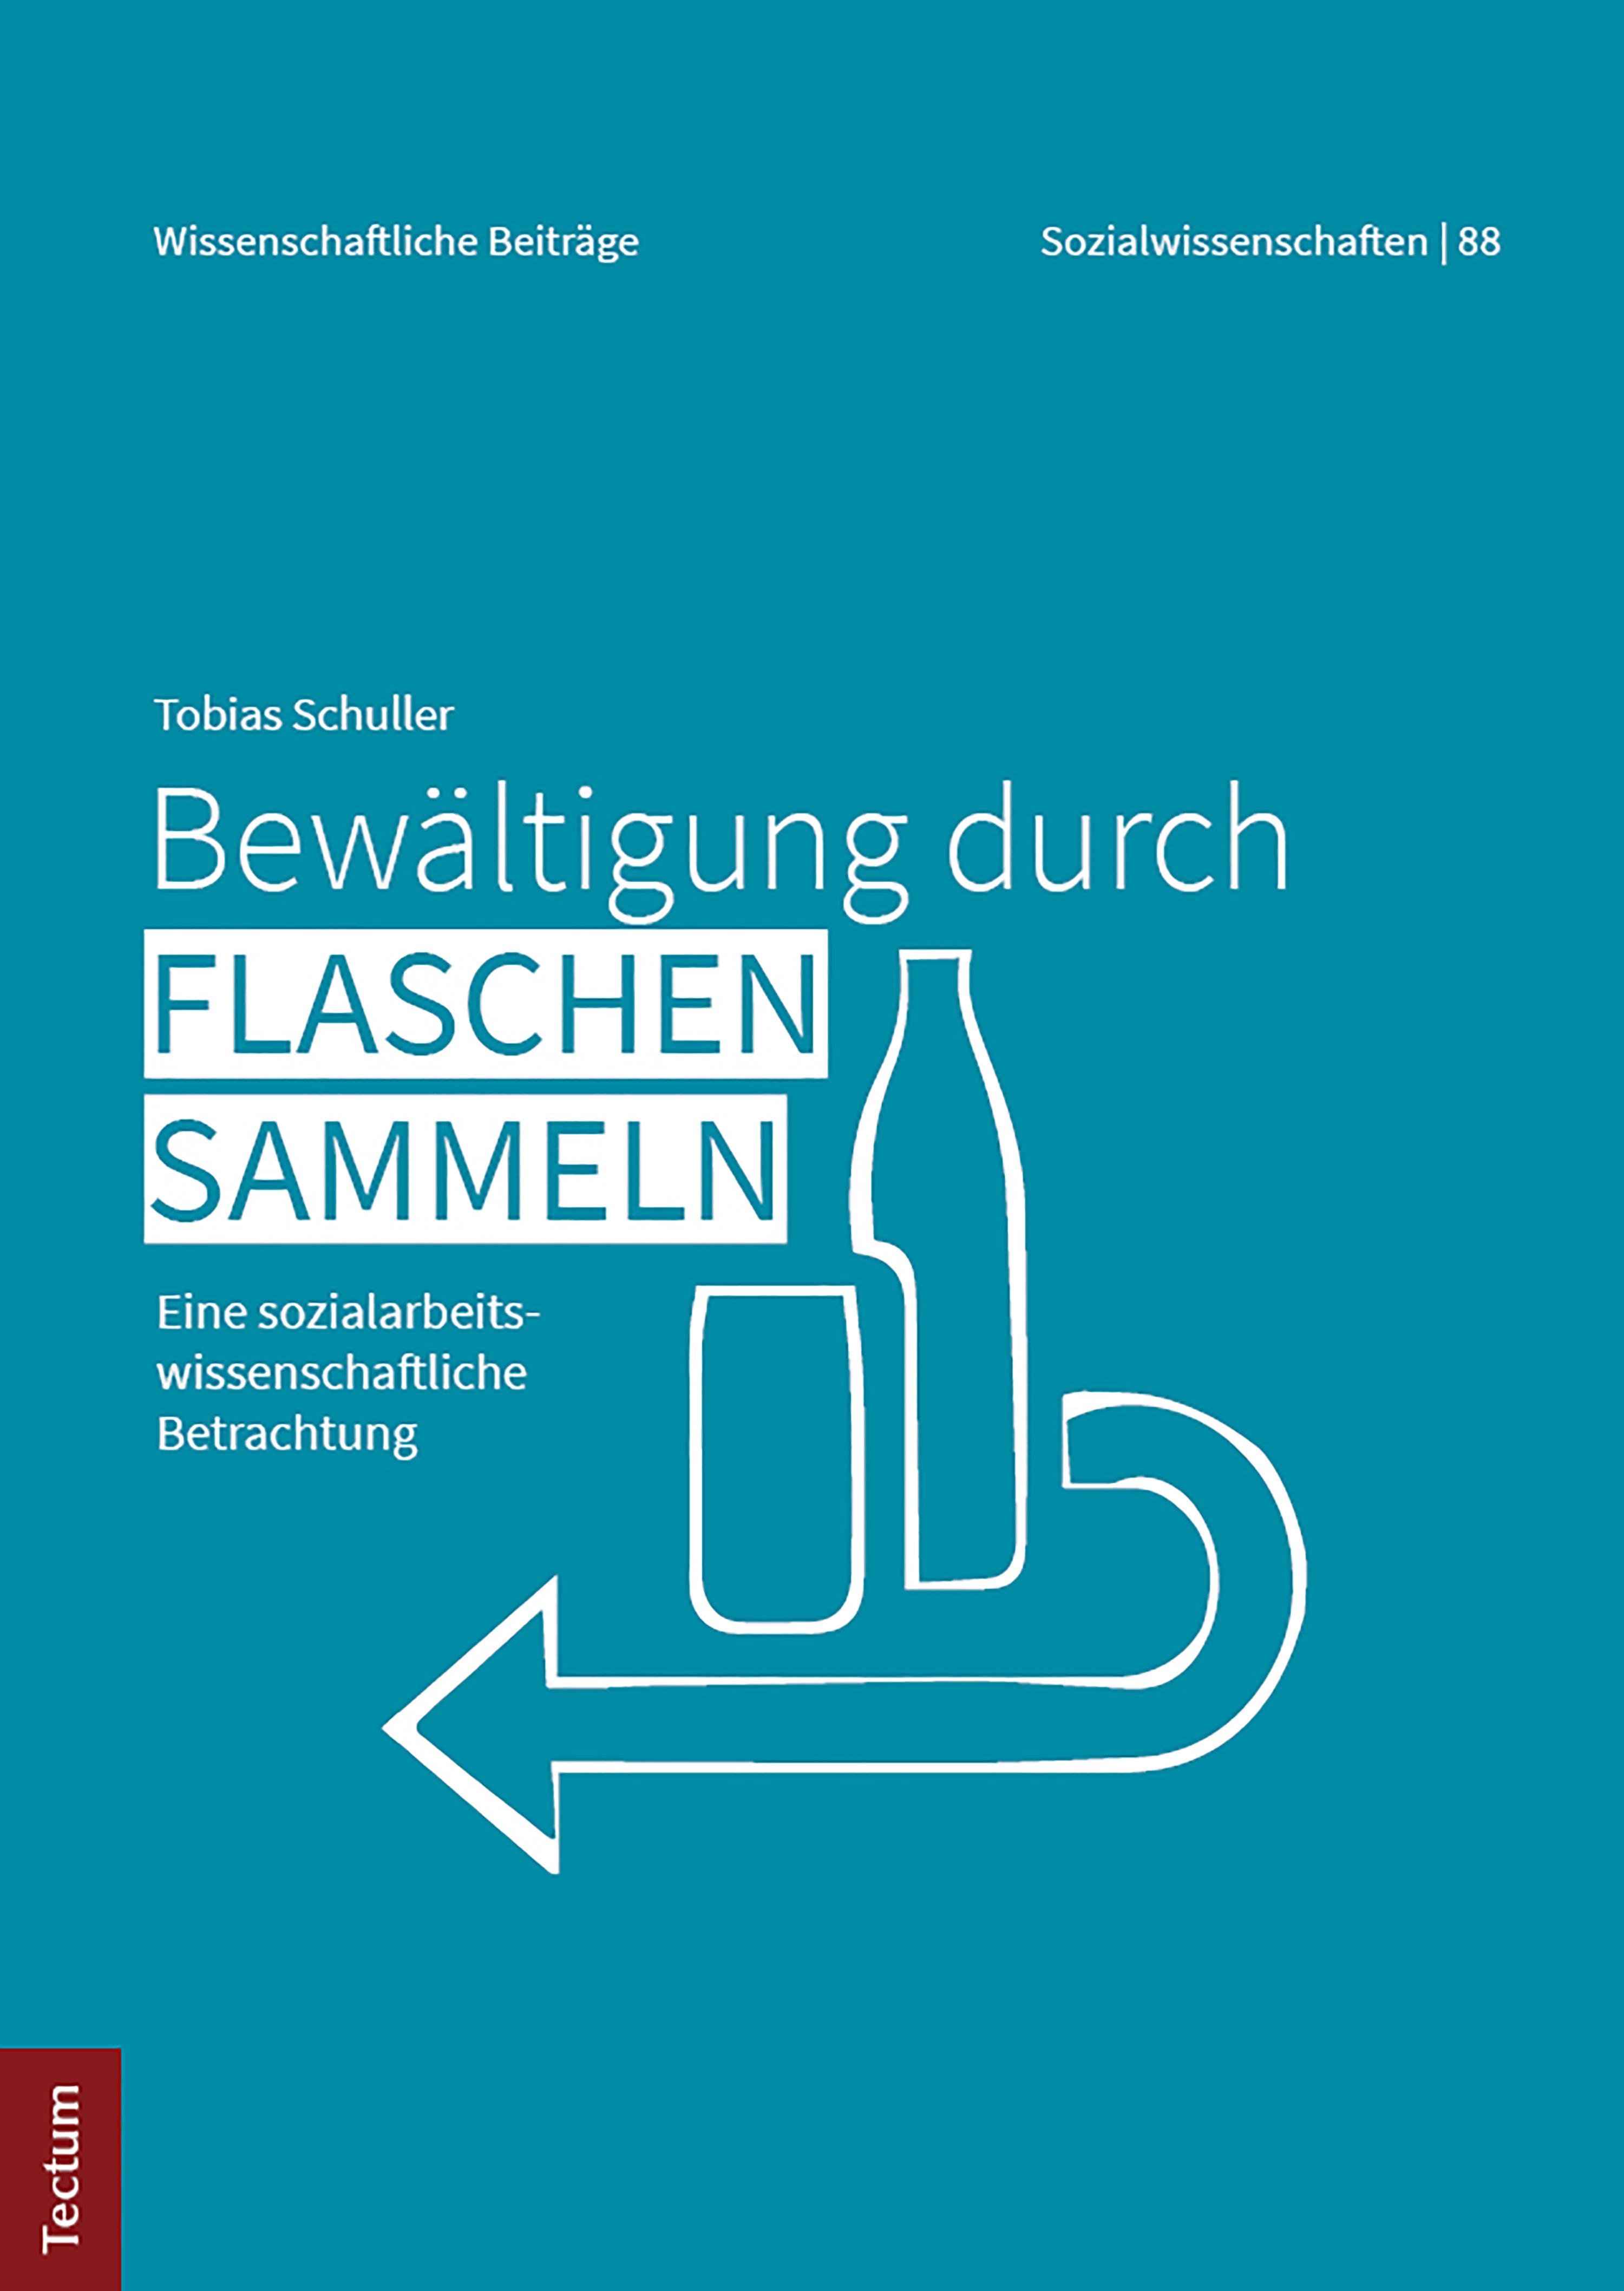 Tobias Schuller Bewältigung durch Flaschensammeln